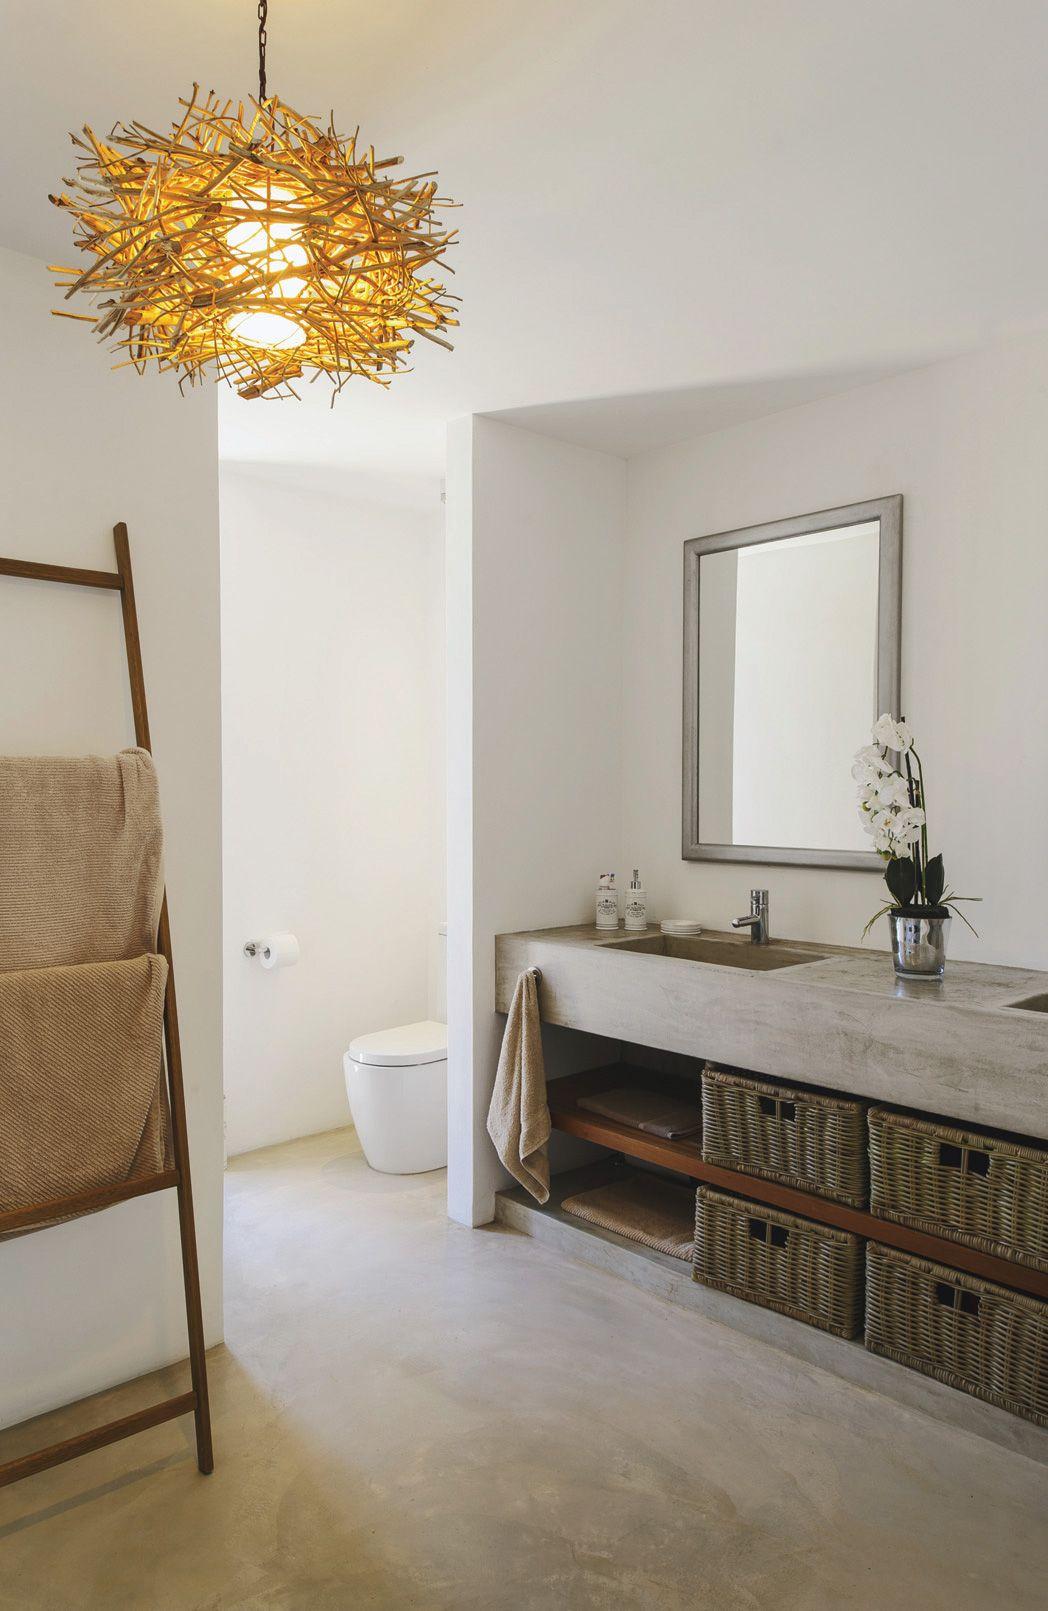 maisons et villas visite priv e immersion bathing pinterest badezimmer bad und baden. Black Bedroom Furniture Sets. Home Design Ideas